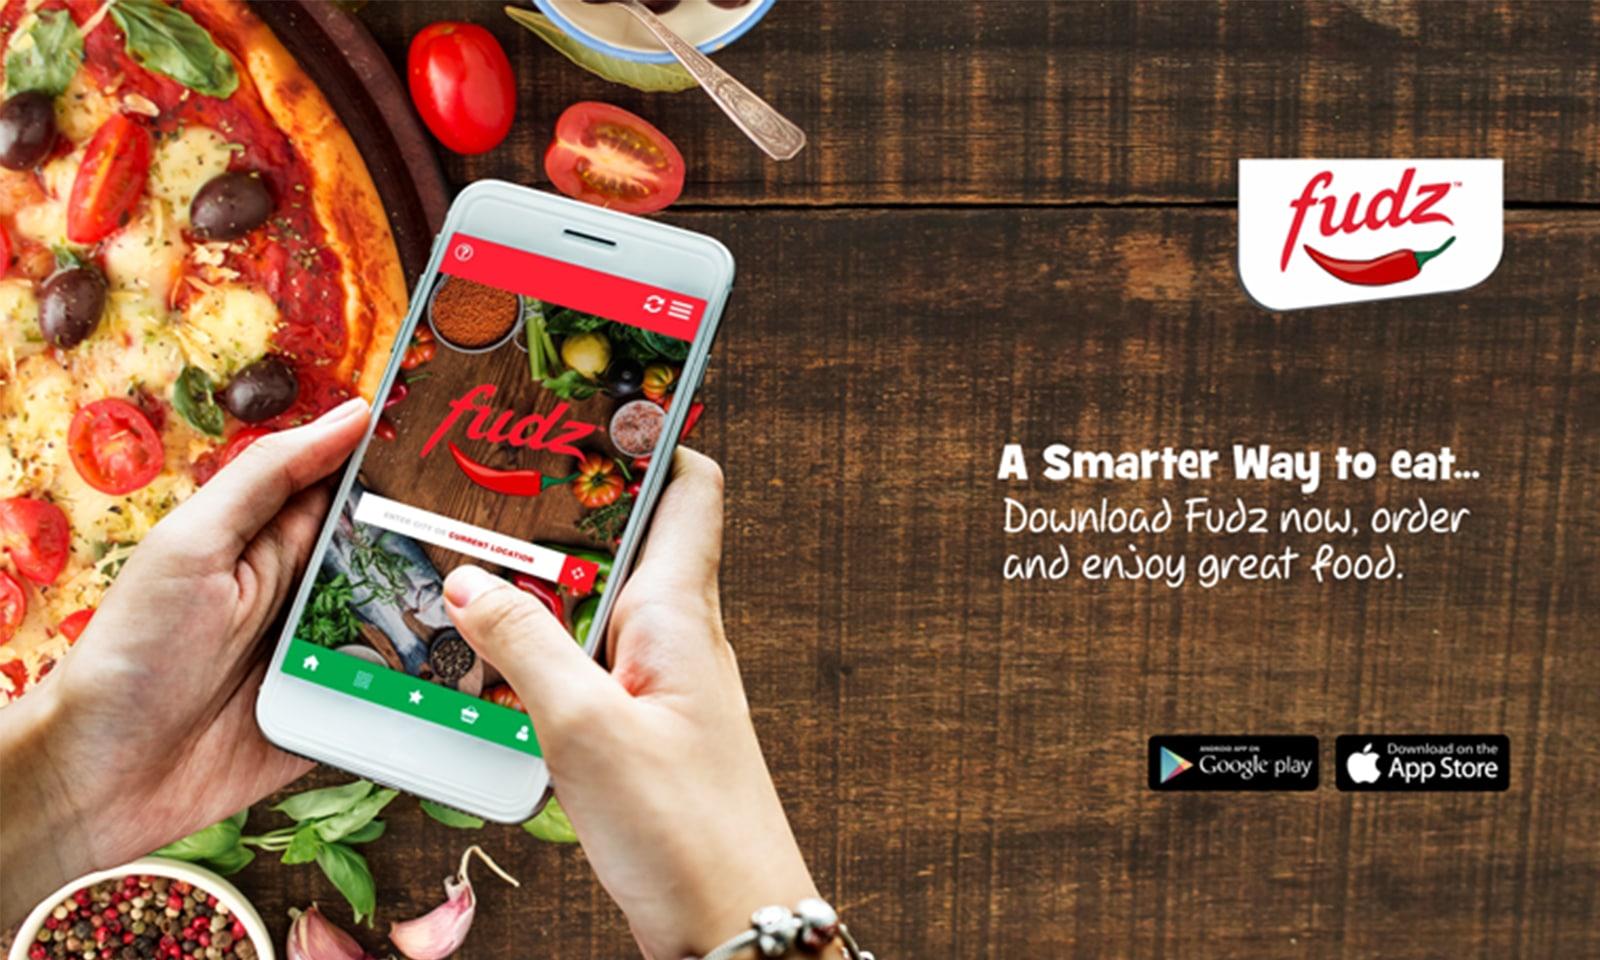 Application mobile Fudz : commandez vos repas depuis votre smartphone